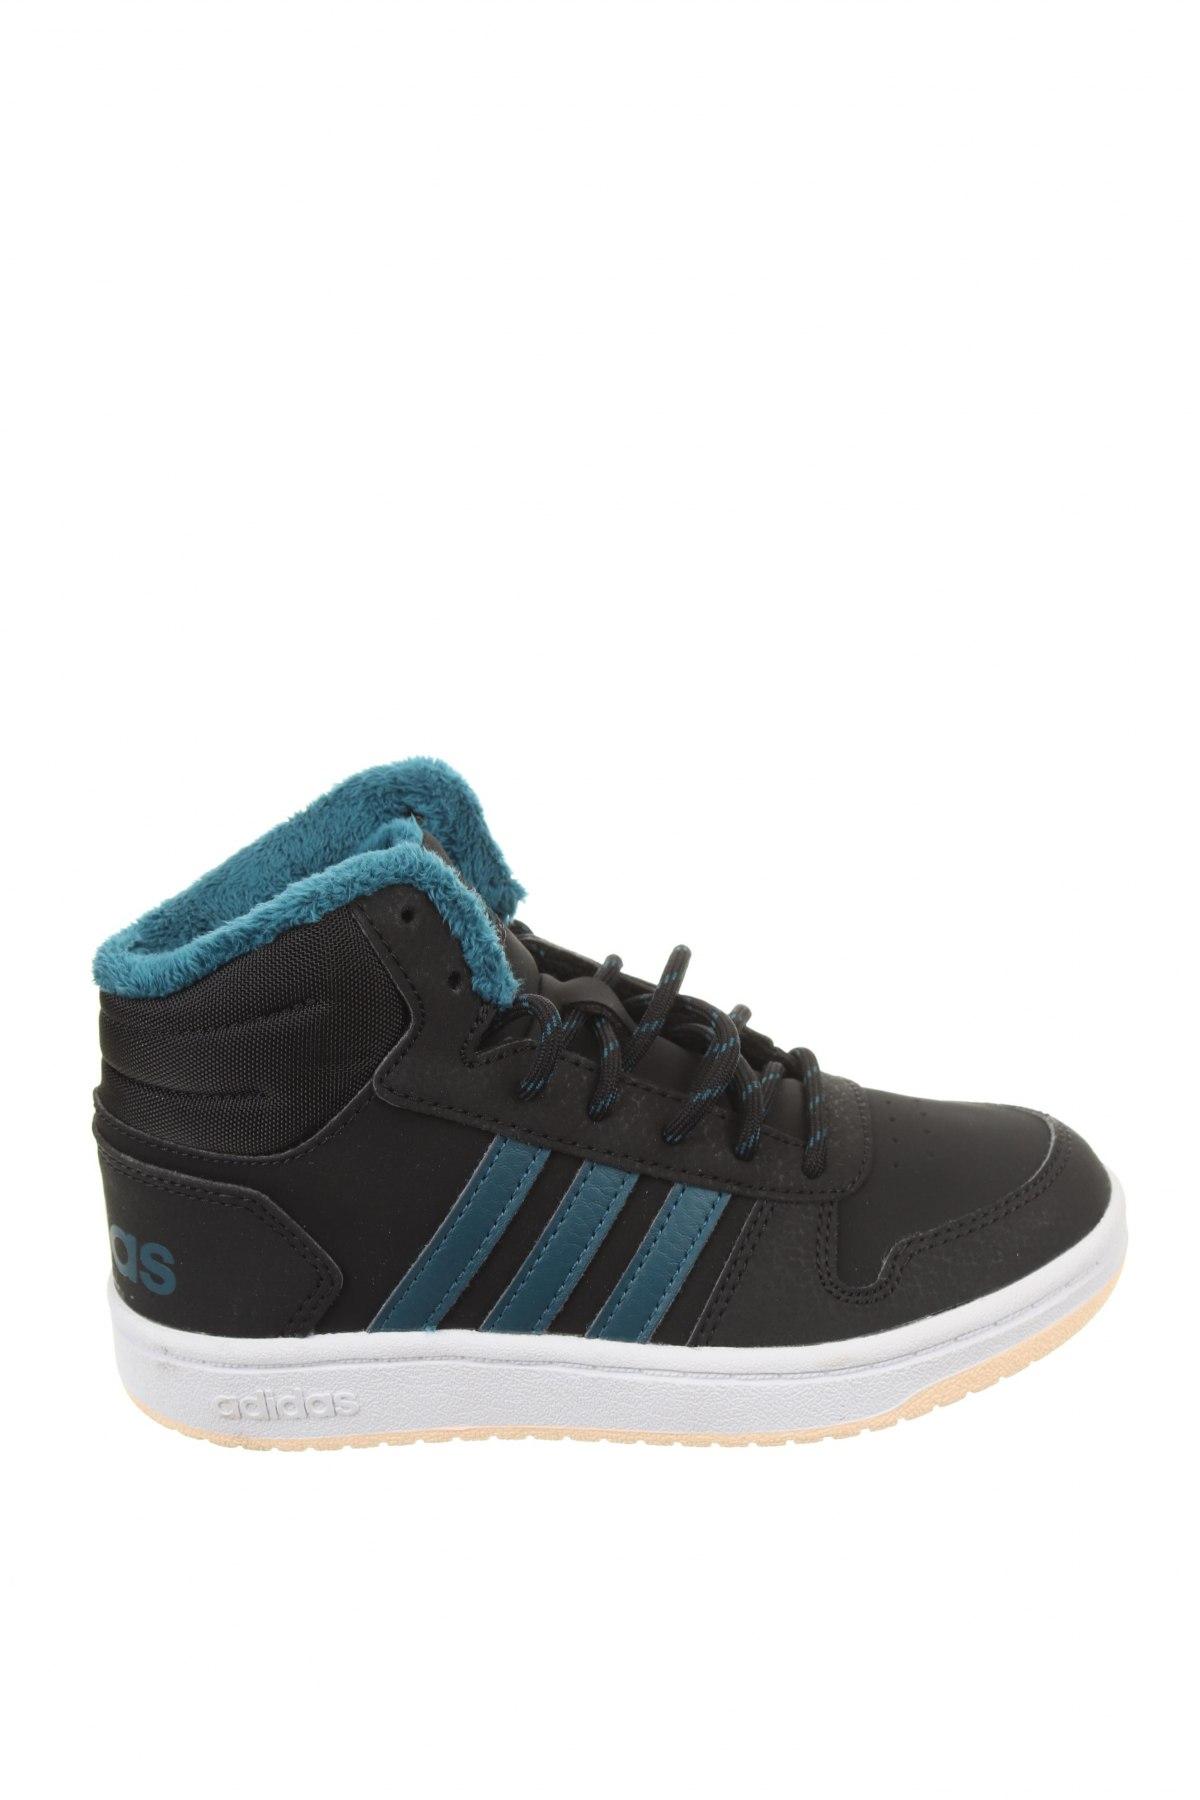 Детски обувки Adidas, Размер 31, Цвят Черен, Еко кожа, текстил, Цена 38,76лв.